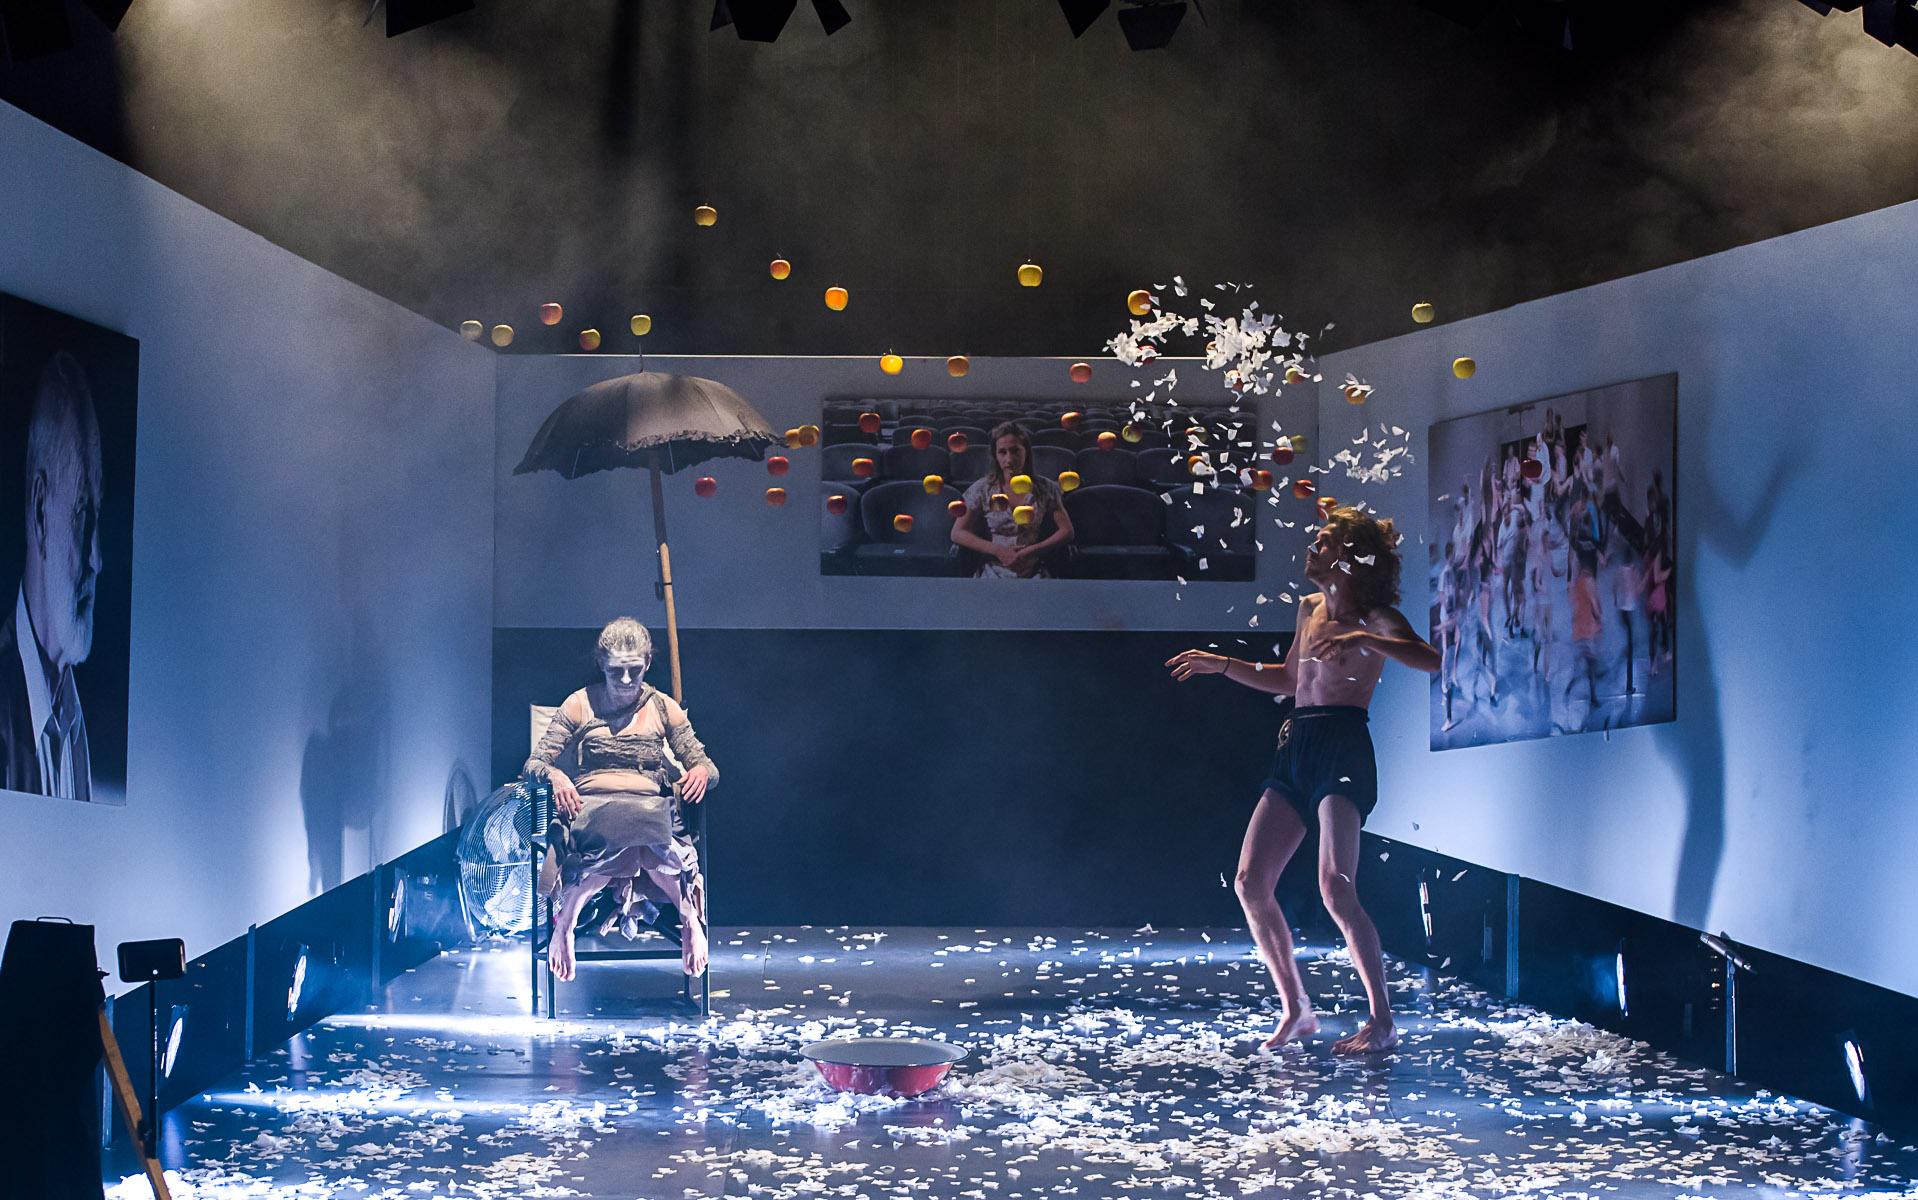 Au început reprezentaţiile speciale ale Teatrului Tamási Áron pentru spectatorii cu abonamente din localităţile covăsnene